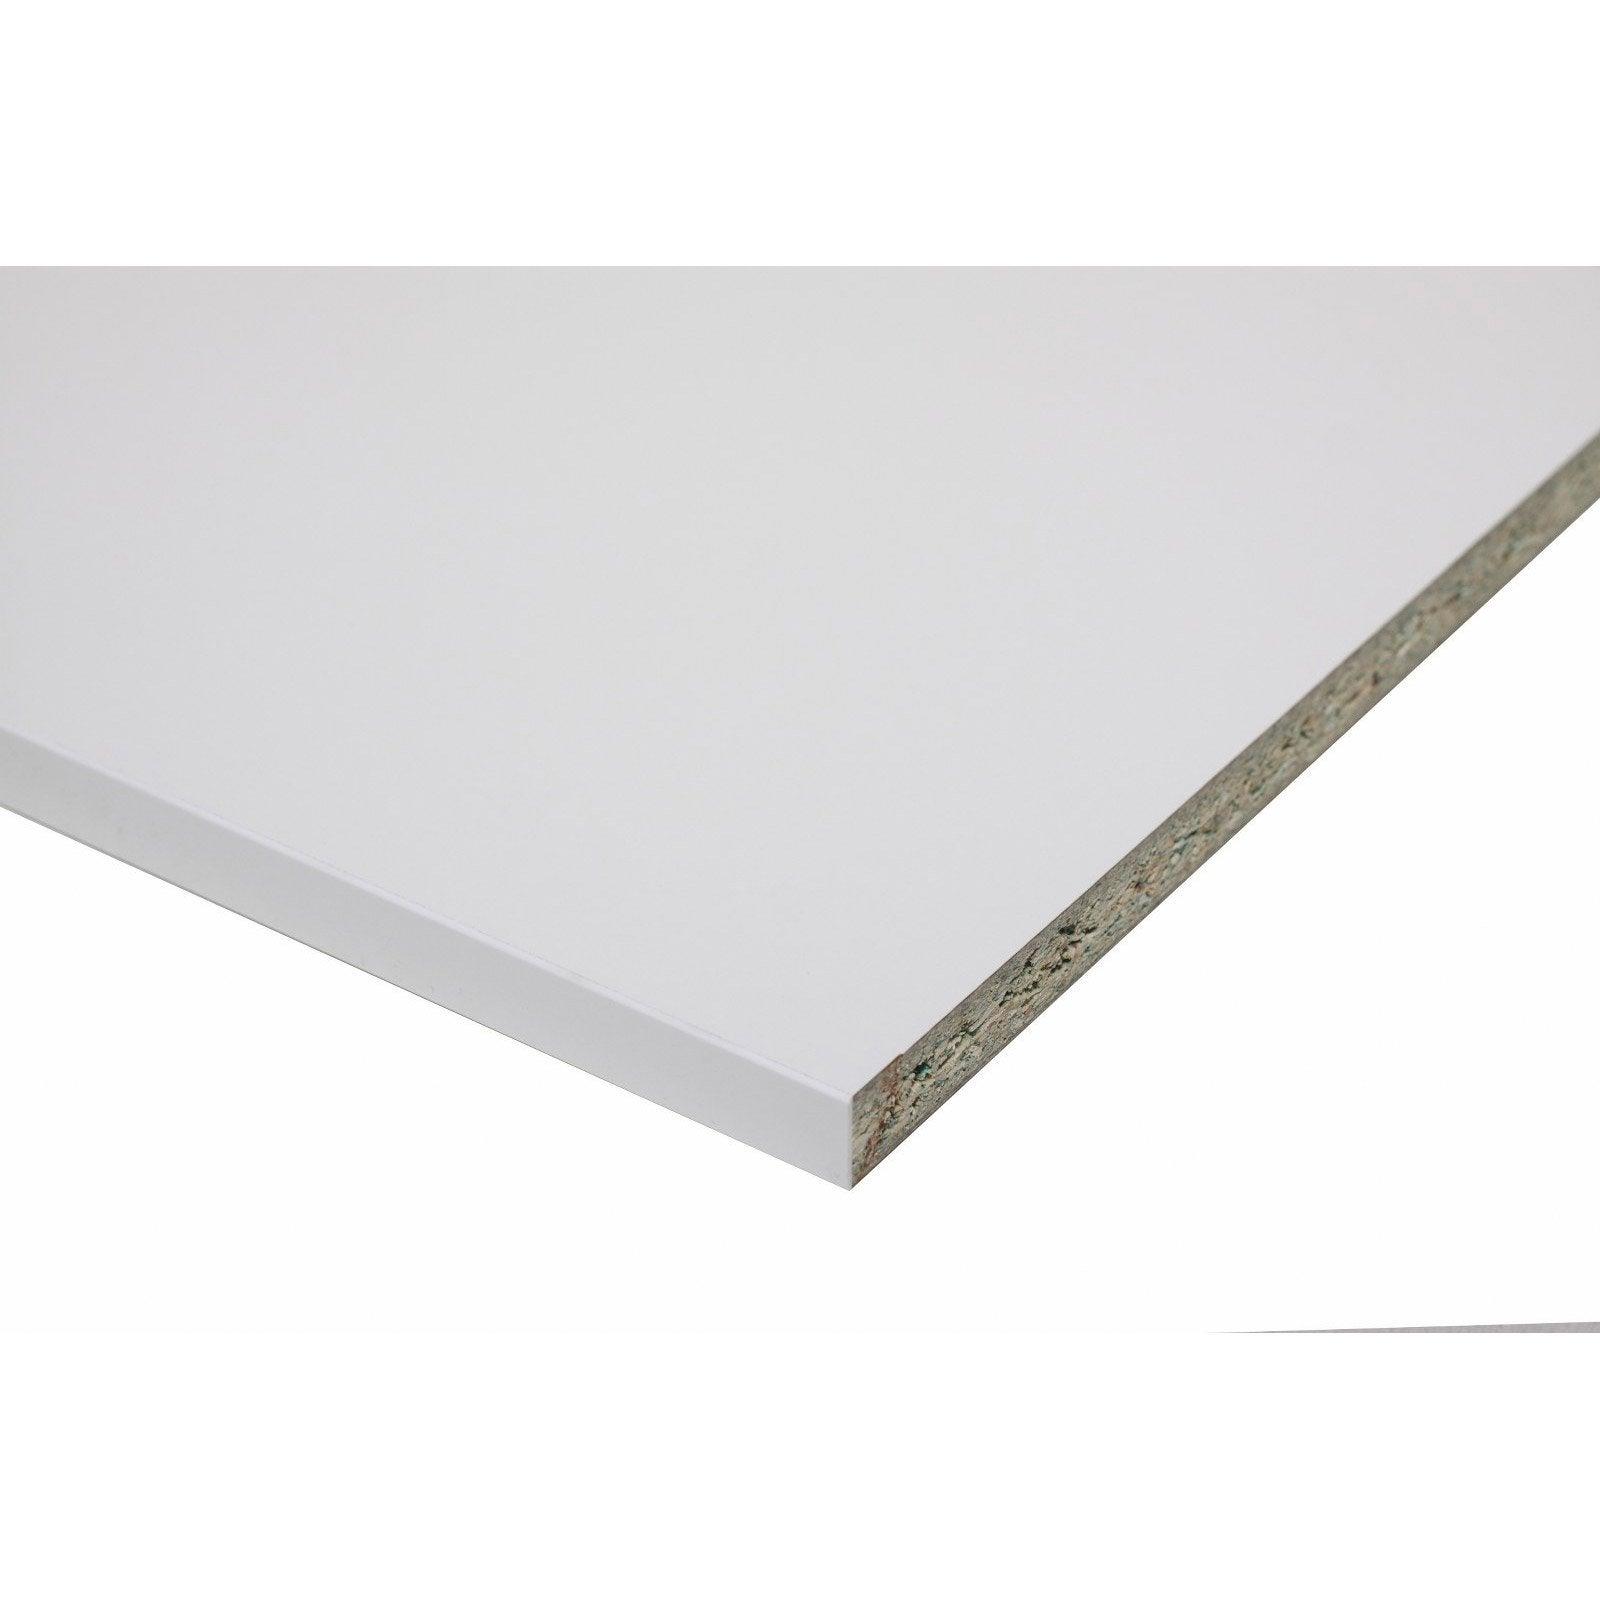 Plan de travail stratifié Blanc Brillant L.315 x P.65 cm, Ep.16 mm